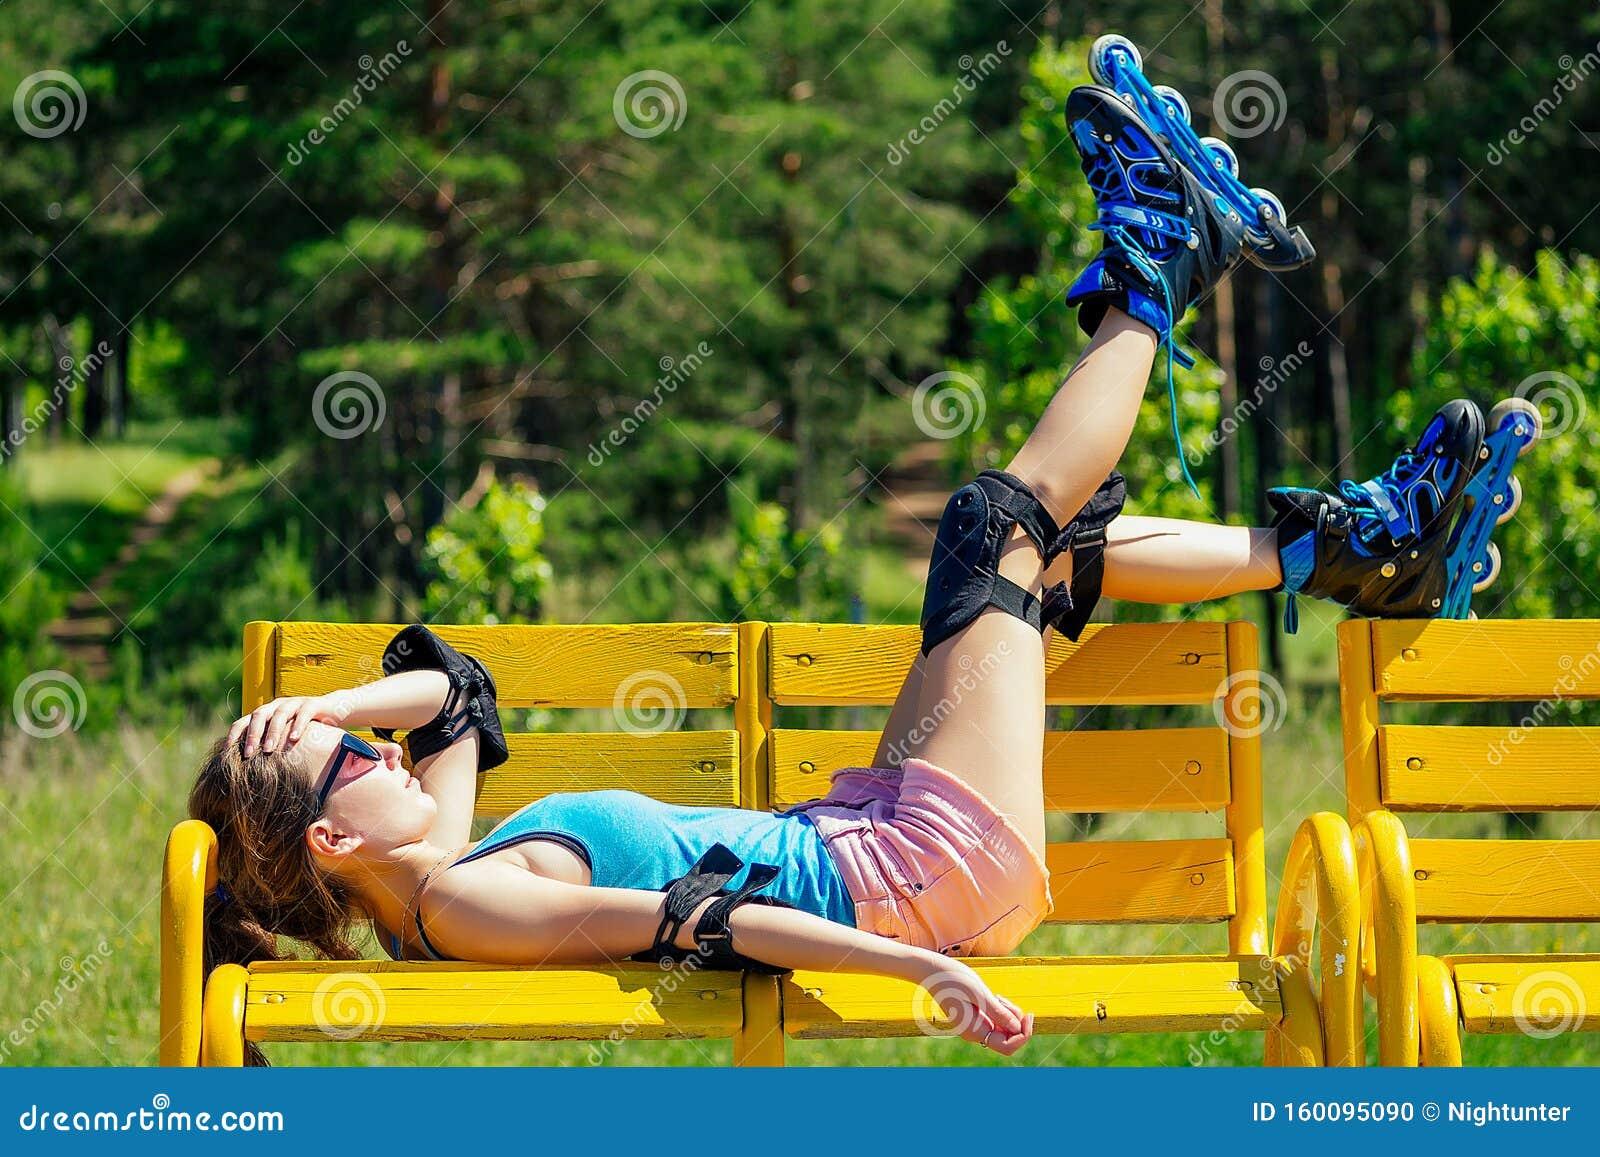 Hot Skater Girl